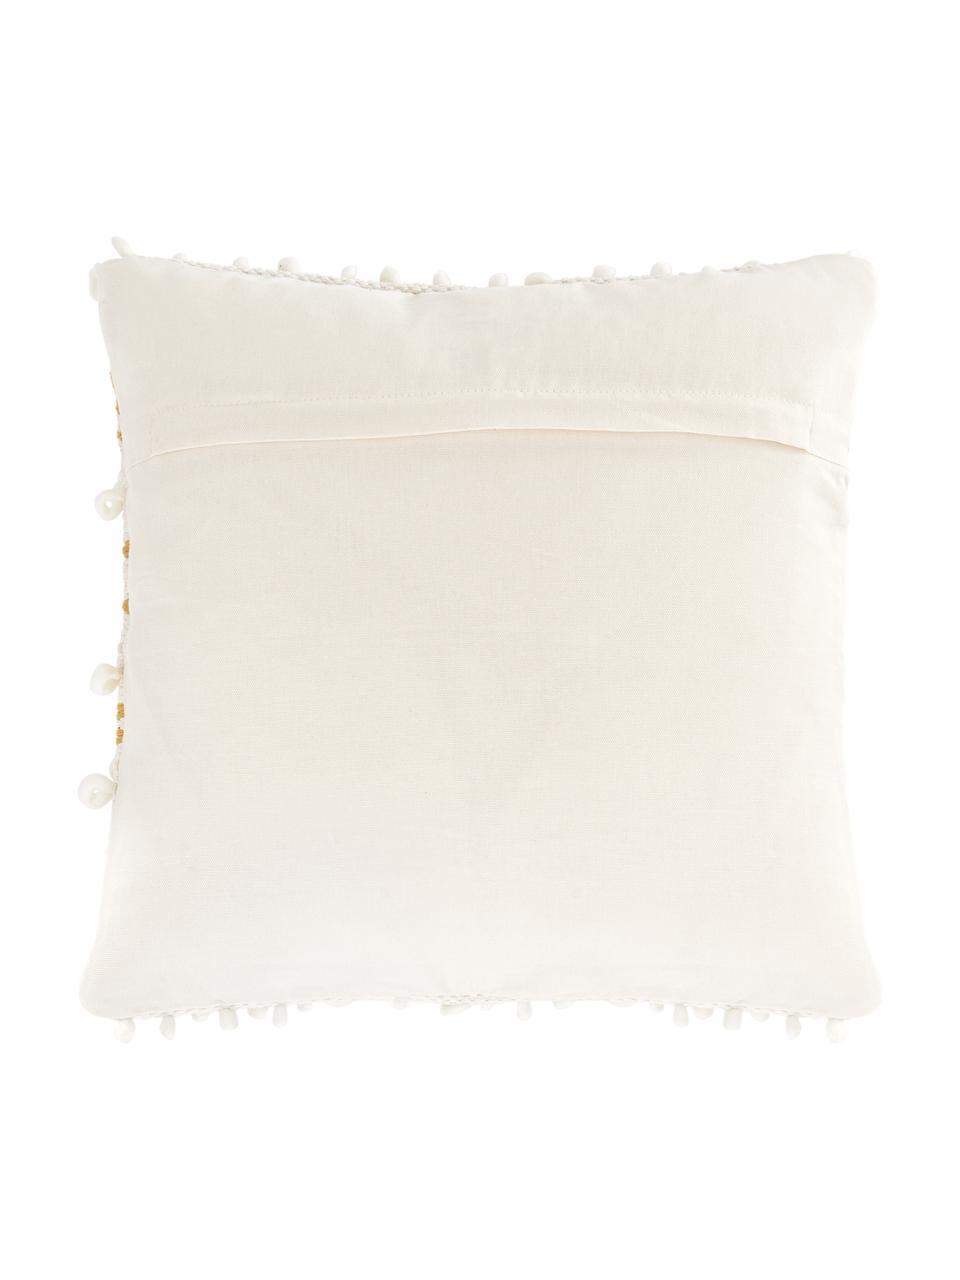 Poszewka na poduszkę boho Paco, 80% bawełna, 20% wełna, Biały, żółty, S 45 x D 45 cm